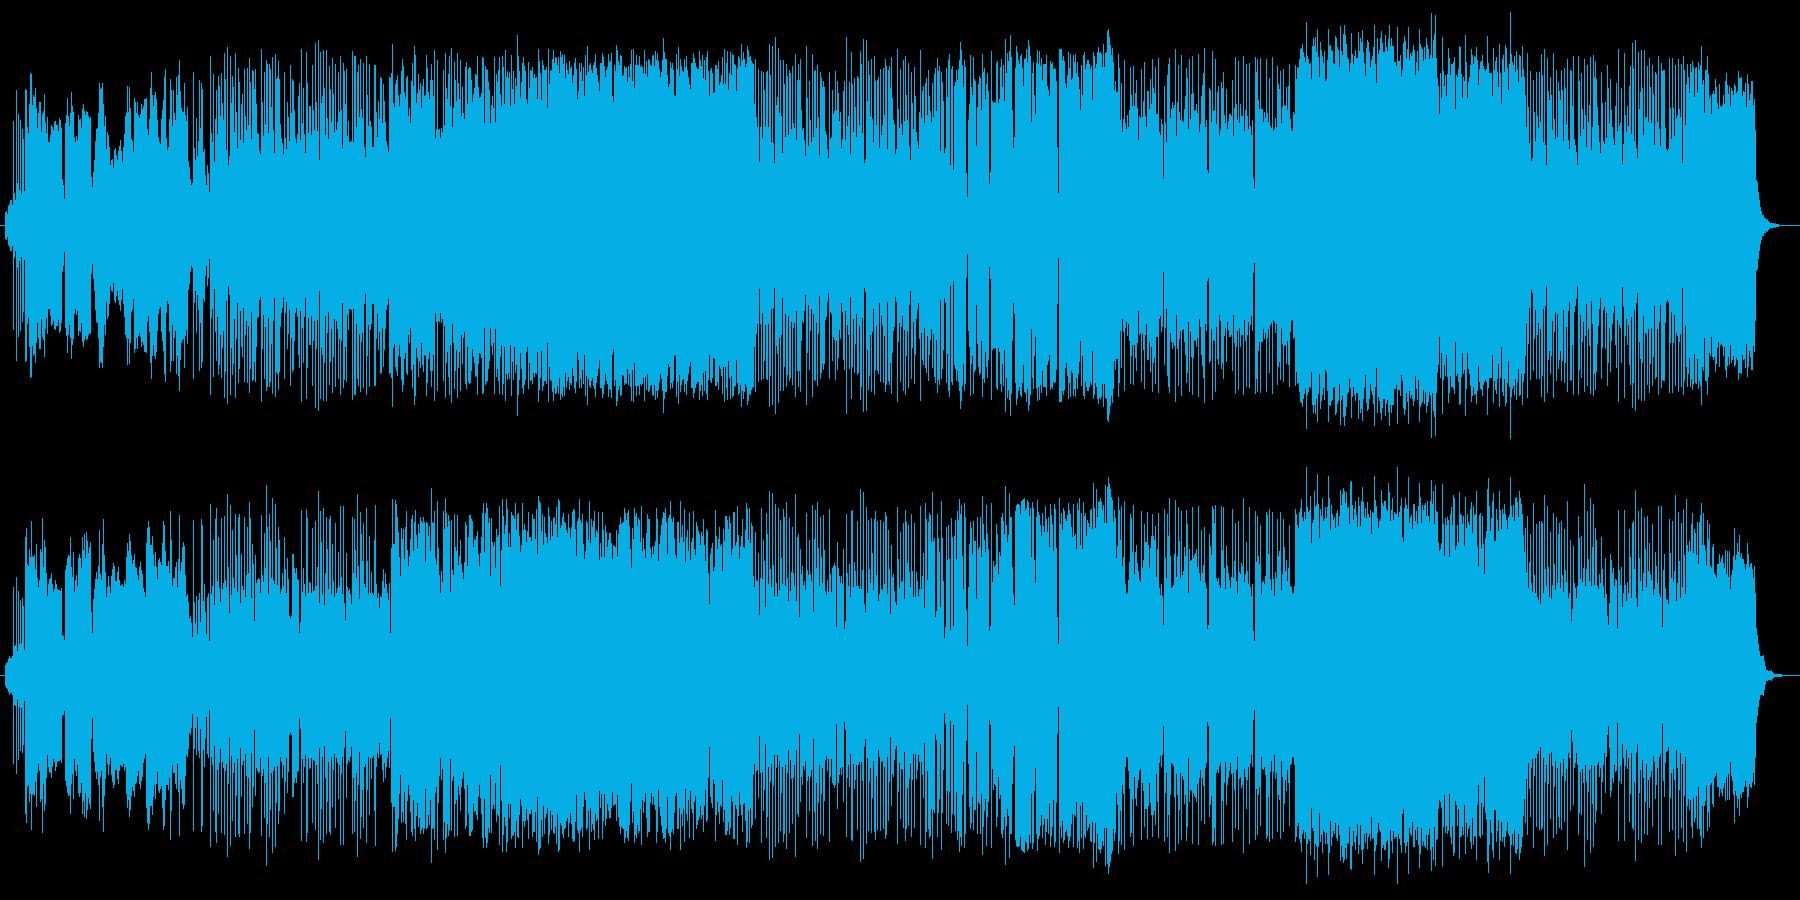 琴・篠笛の旋律が美しい和風のバラードの再生済みの波形